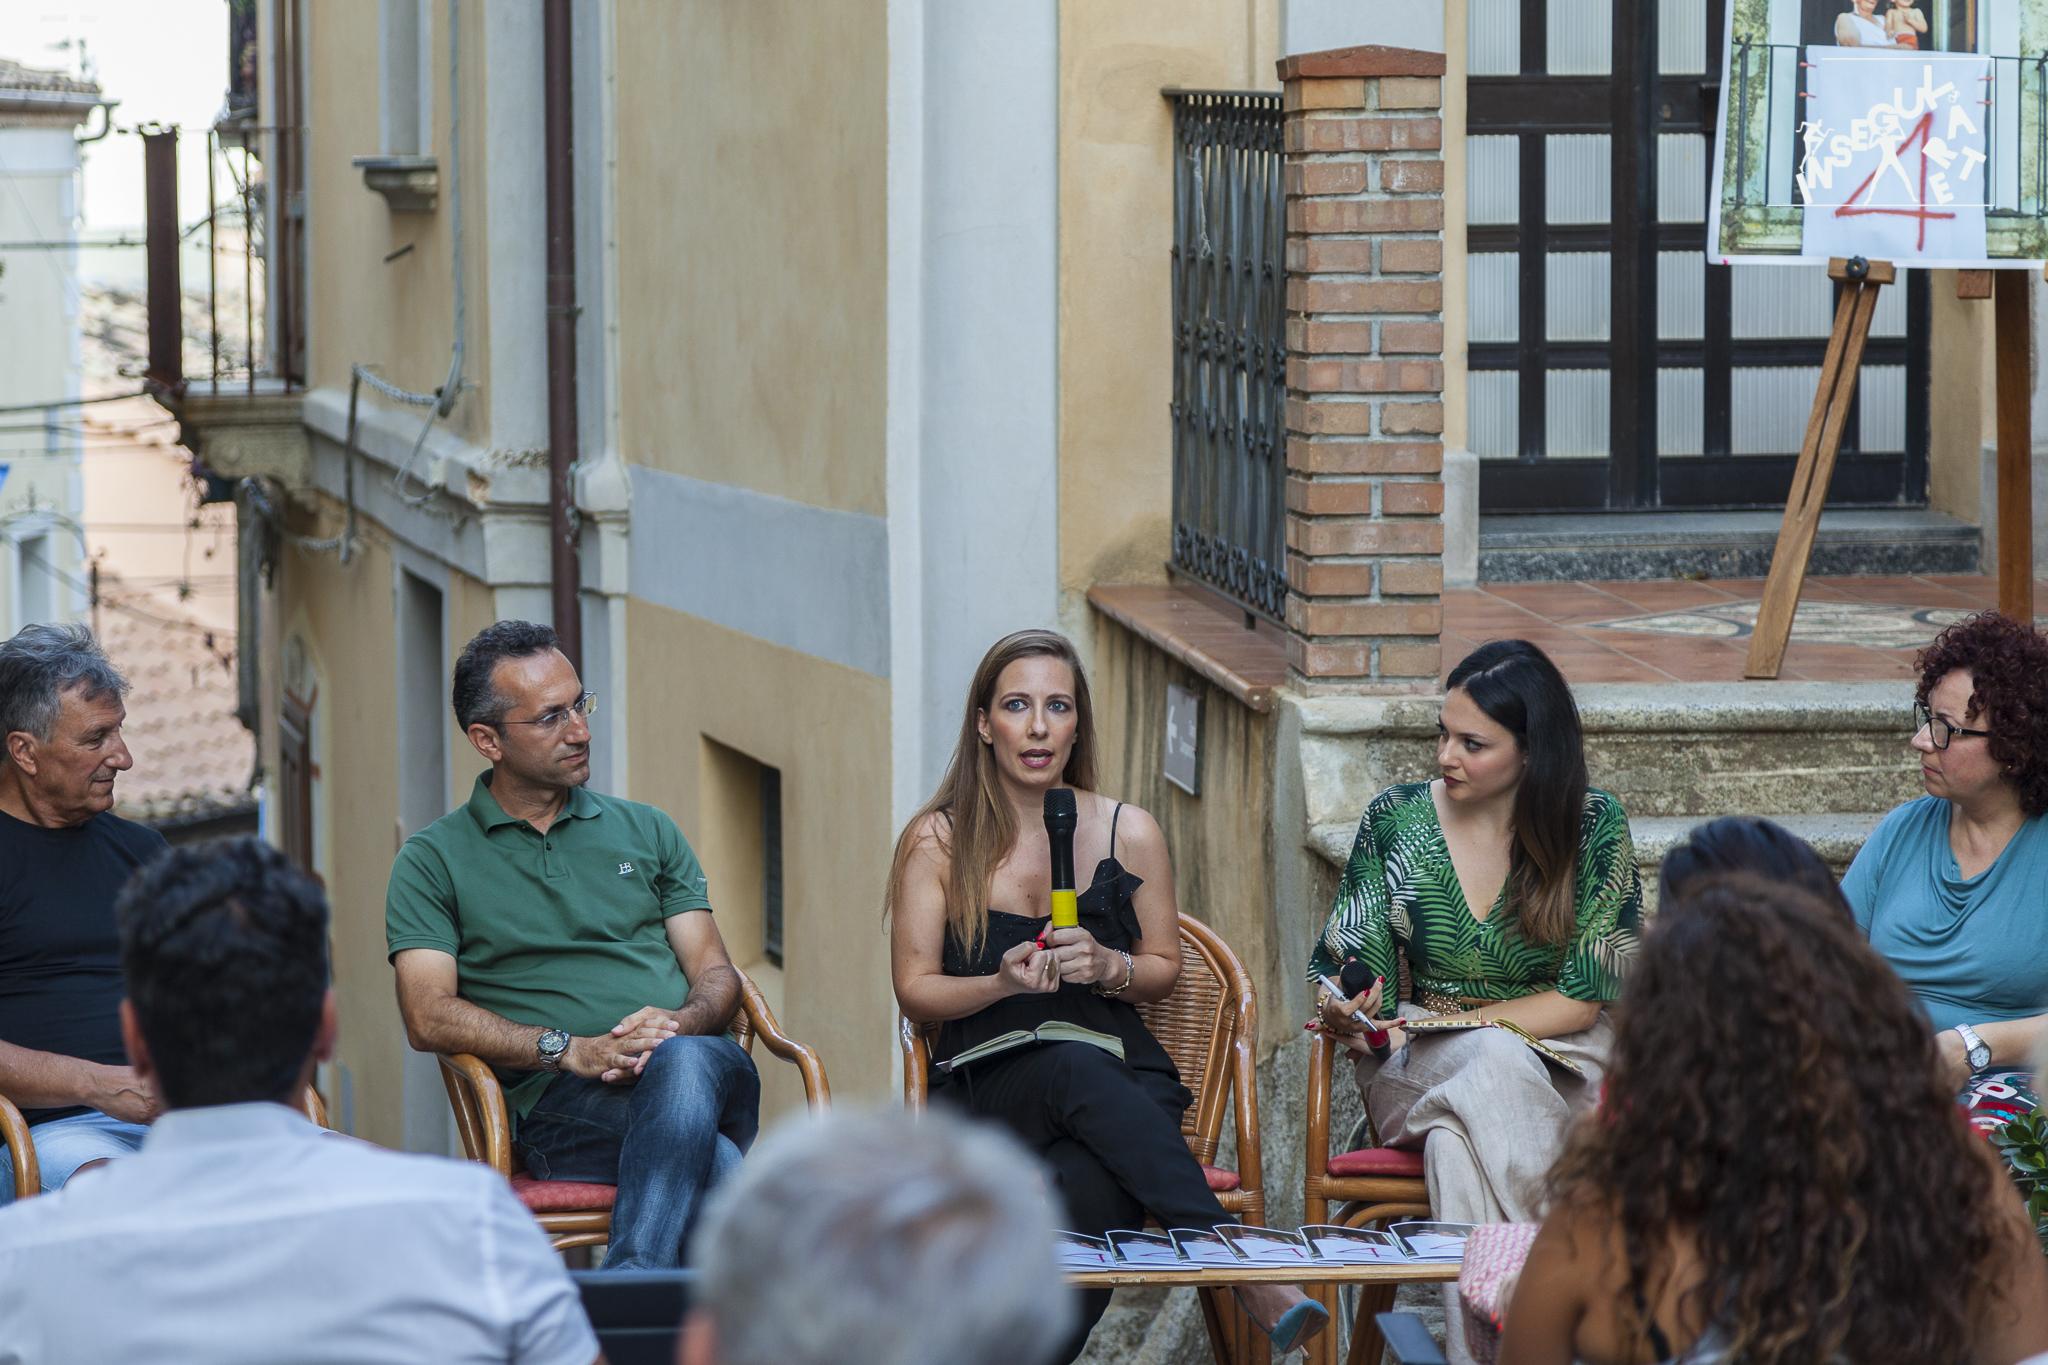 conferenza badolato 05-08-2019 (37)